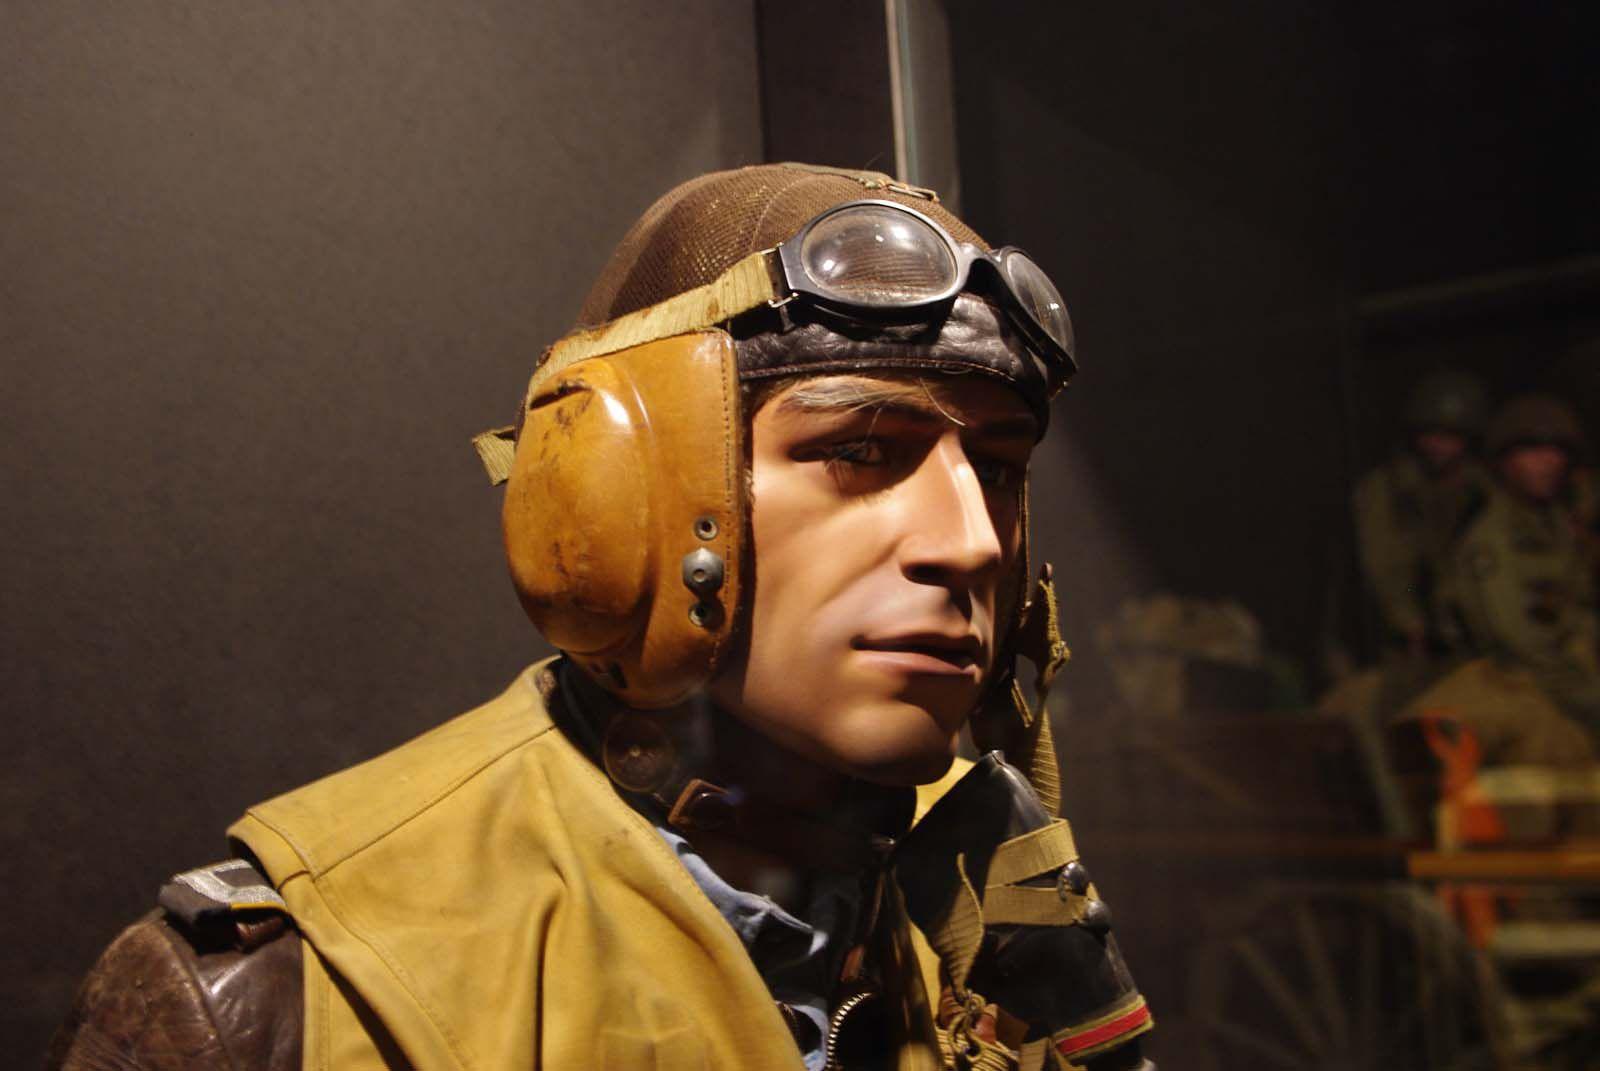 Un pilote de la Luftwaffe attend sa mission.